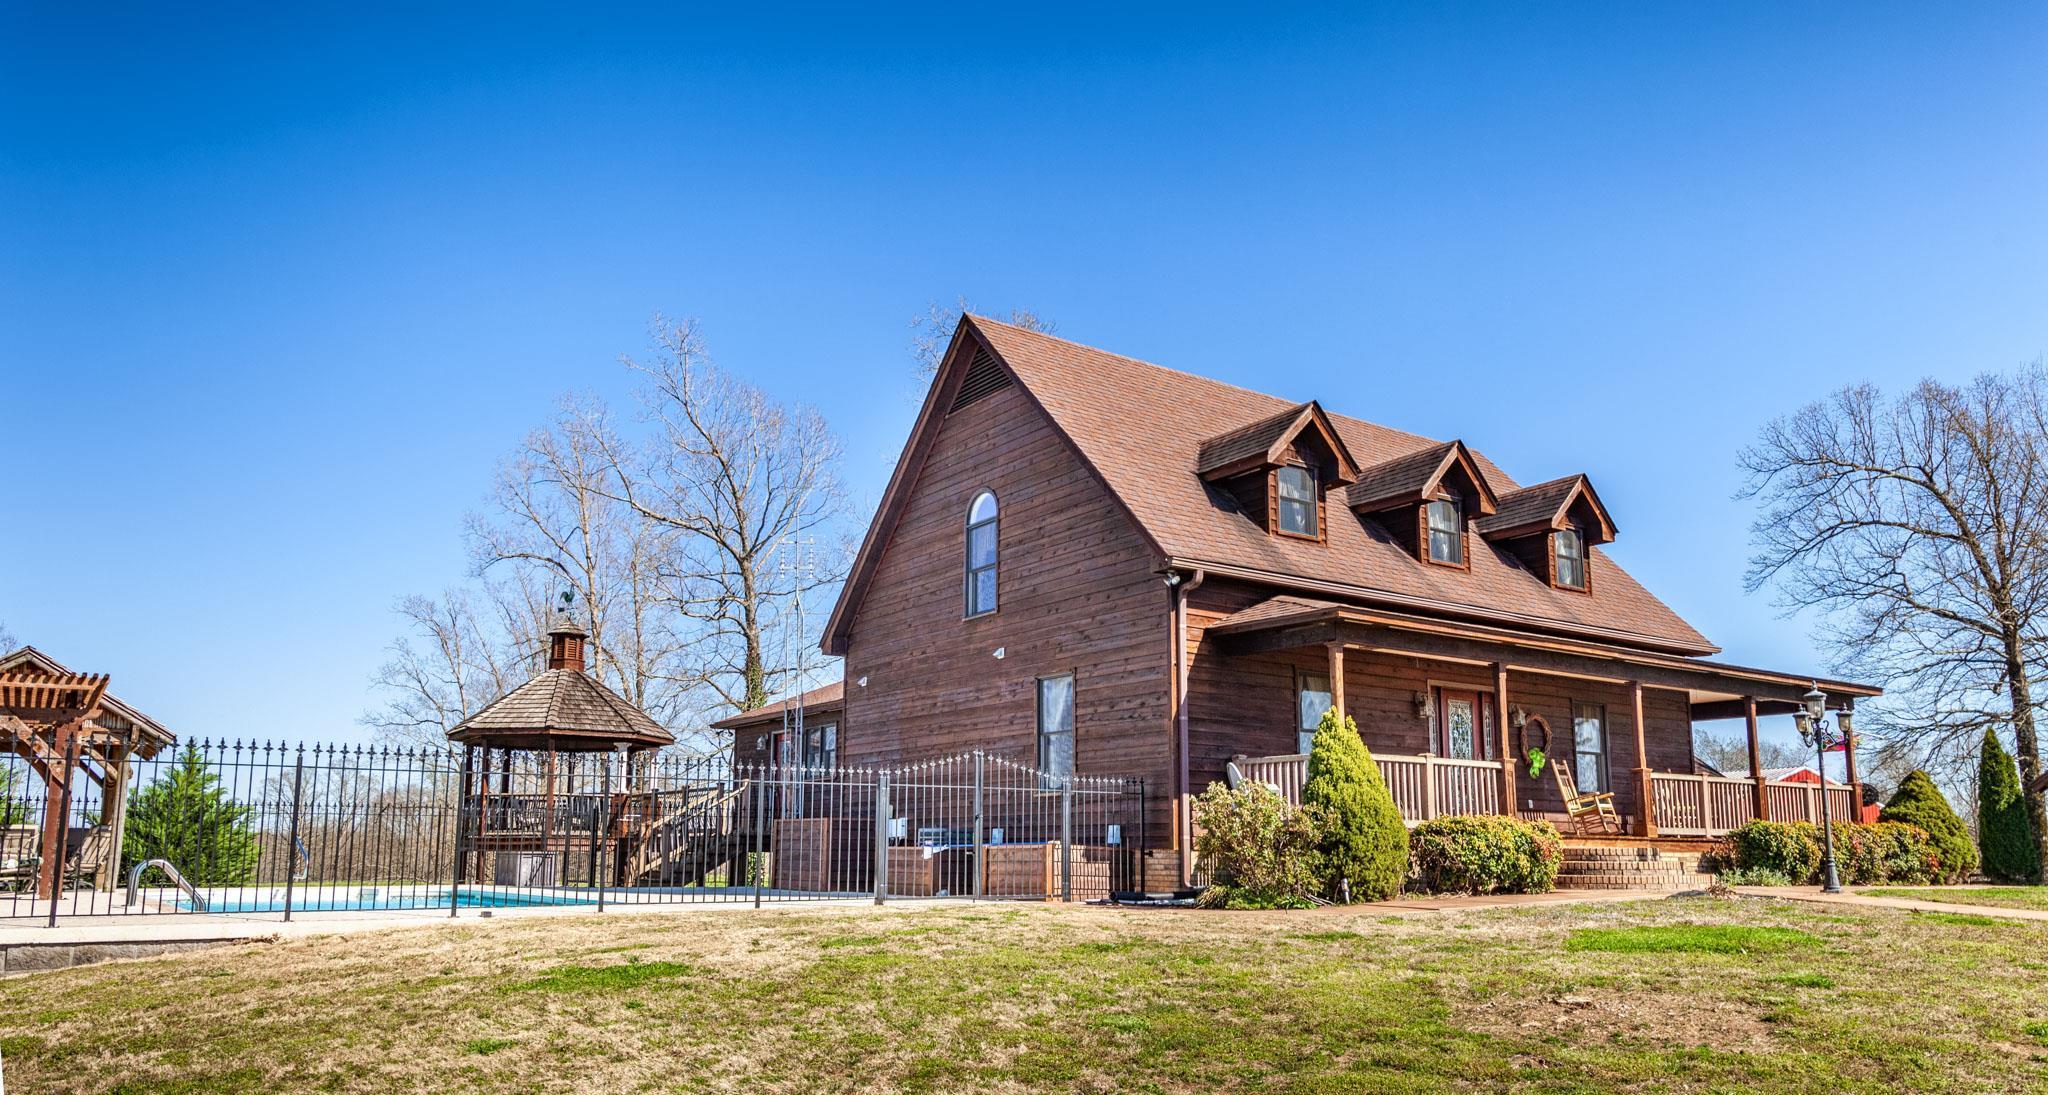 760 Clax Branch Rd Farm, Loretto, TN 38469 - Loretto, TN real estate listing